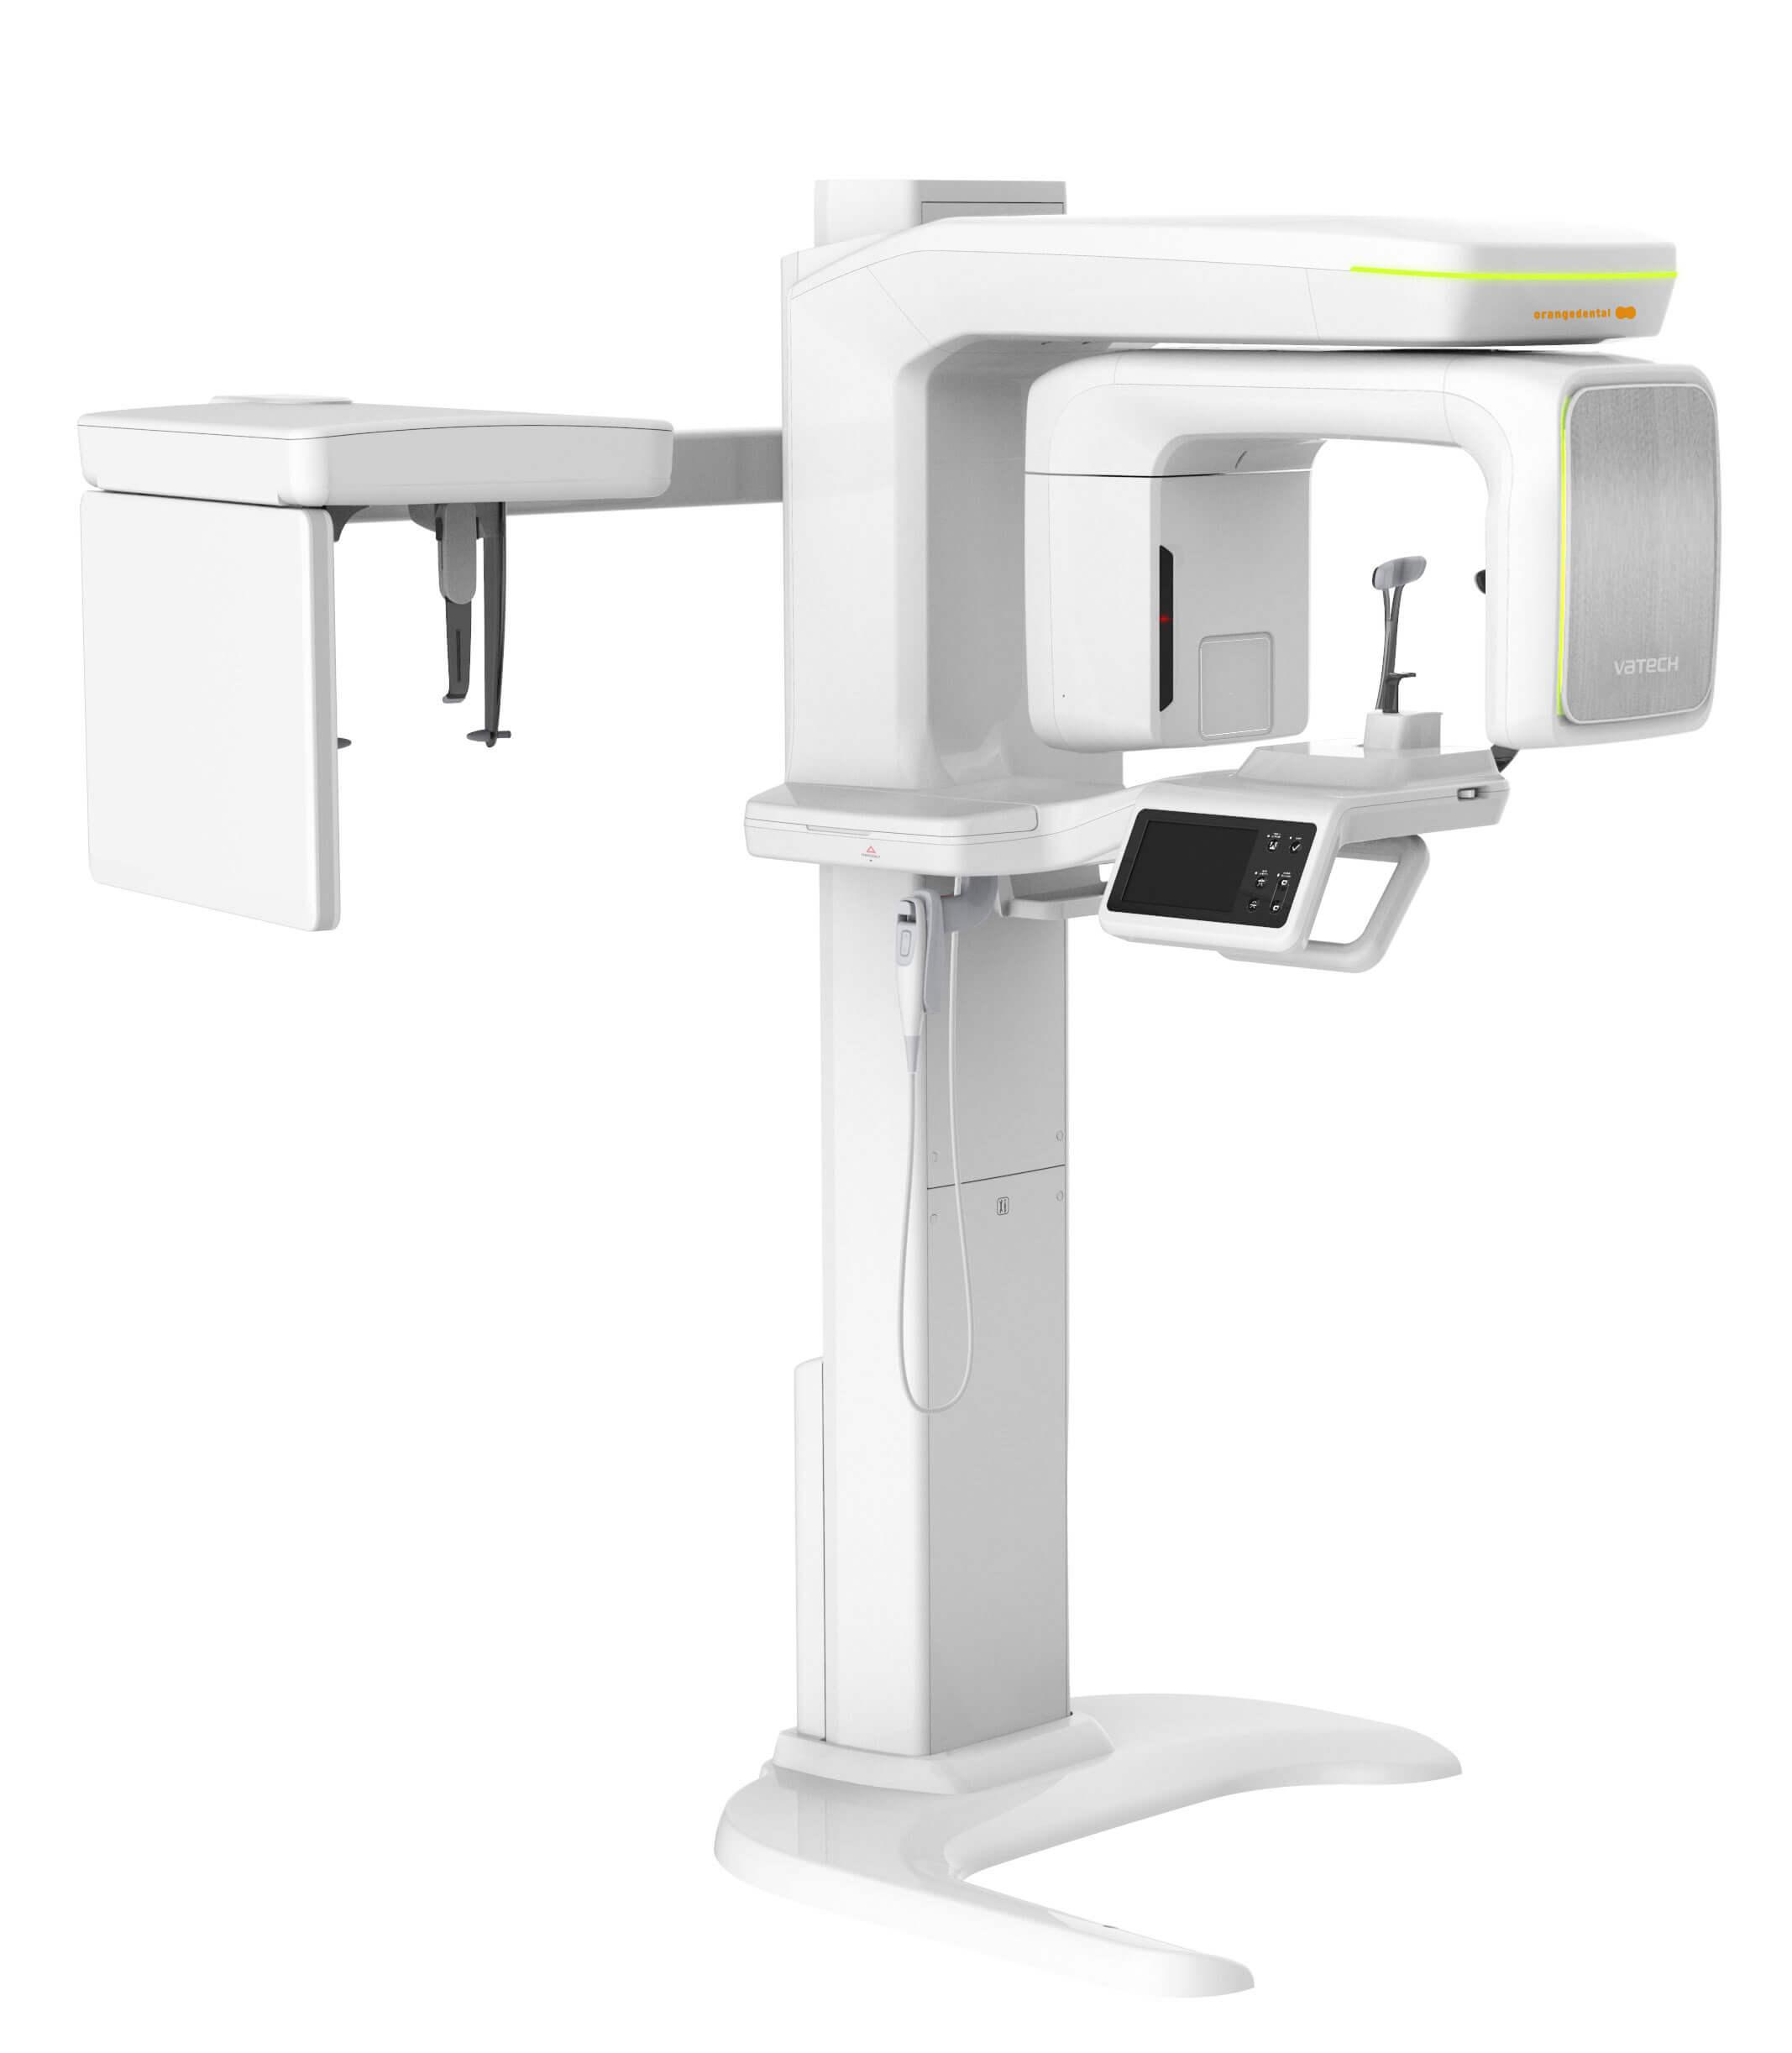 Das DVT-Gerät liefert detaillierte Röntgenaufnahmen für die minimal-invasive Oralchirurgie